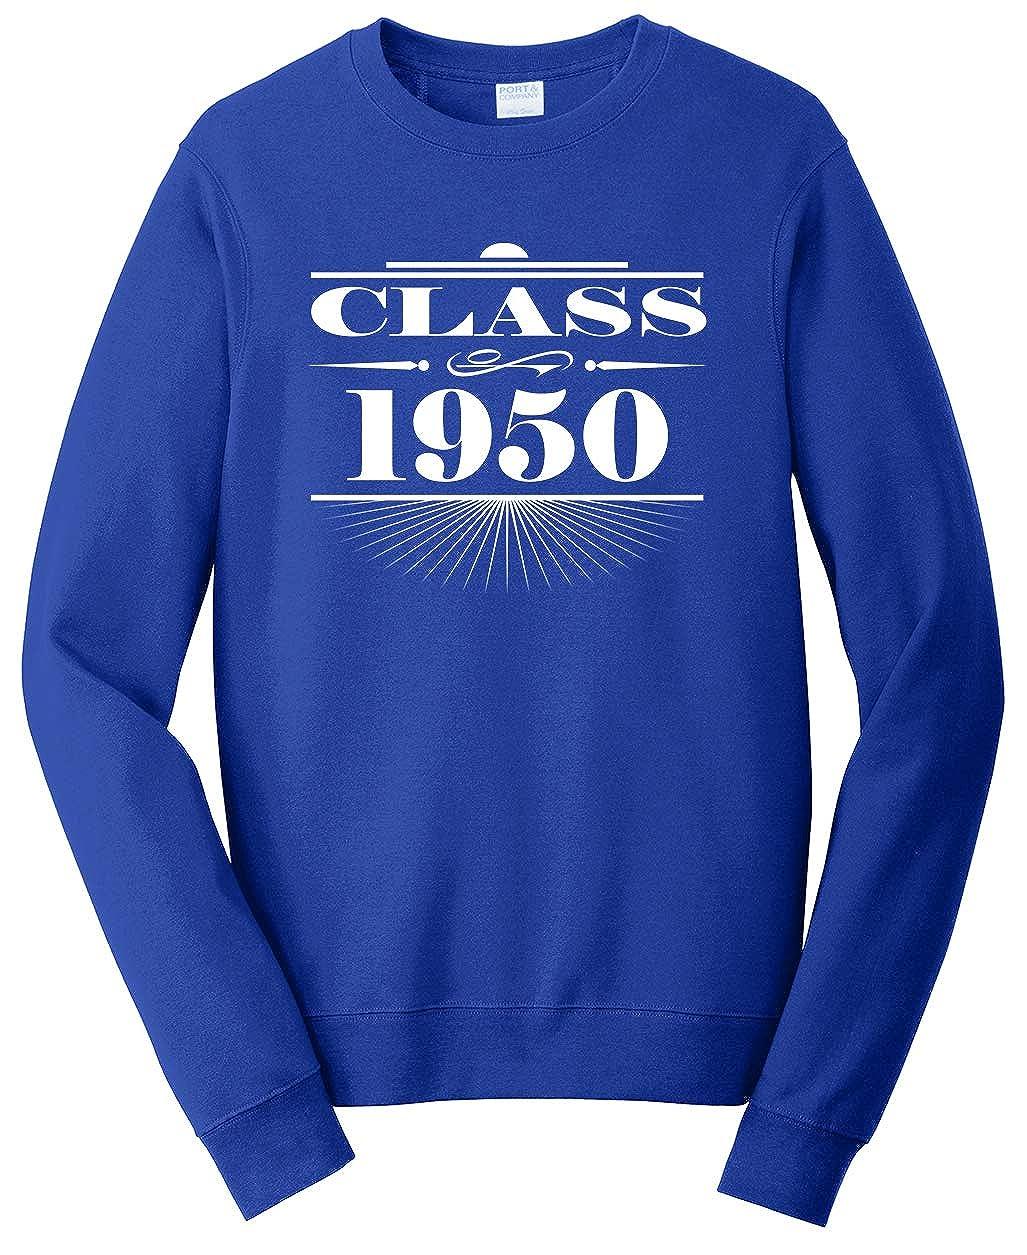 Tenacitee Unisex Art Deco Class of 1950 Sweatshirt